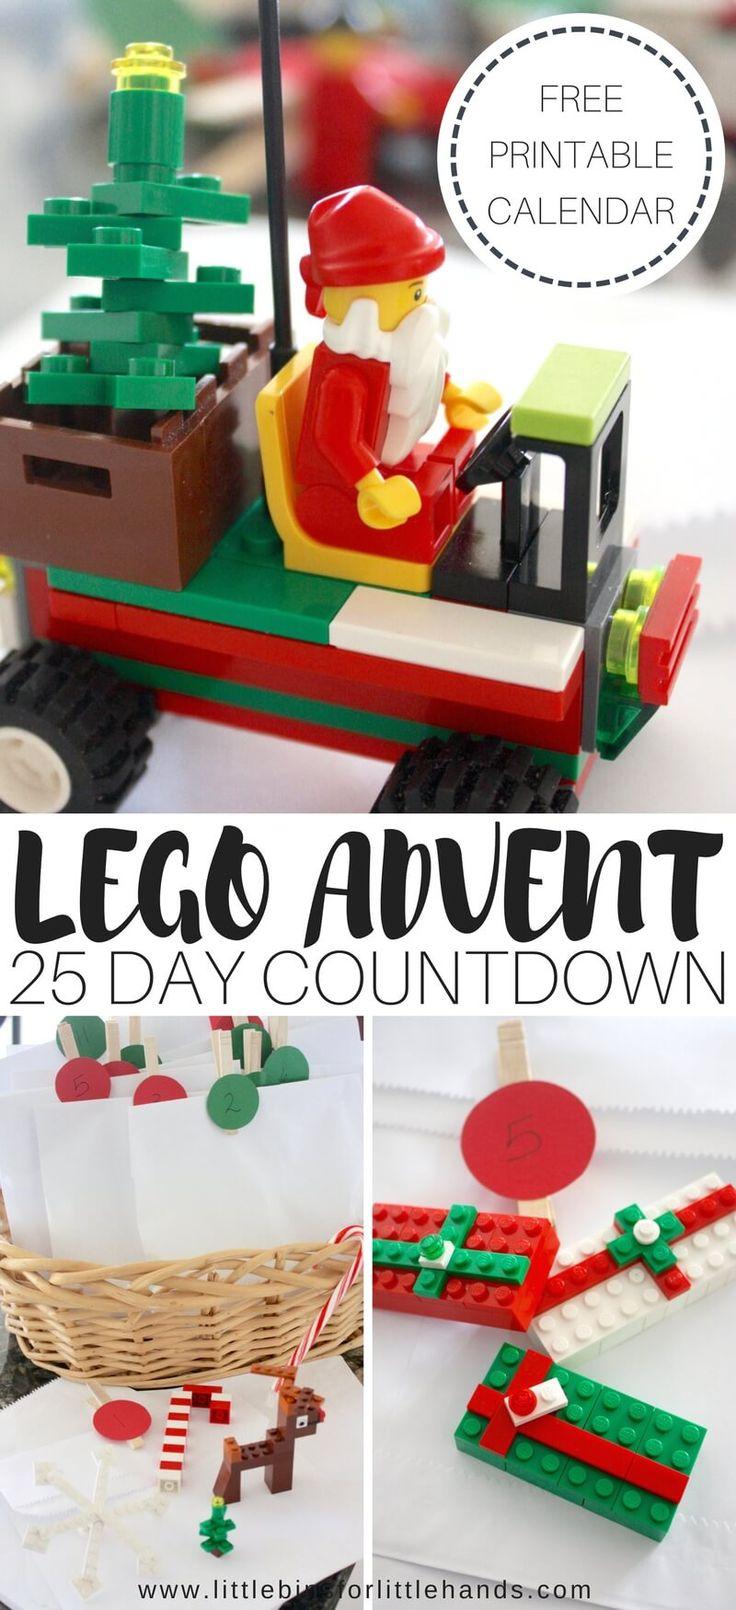 317 besten lego bilder auf pinterest lego zeug m bel und lego harry potter. Black Bedroom Furniture Sets. Home Design Ideas